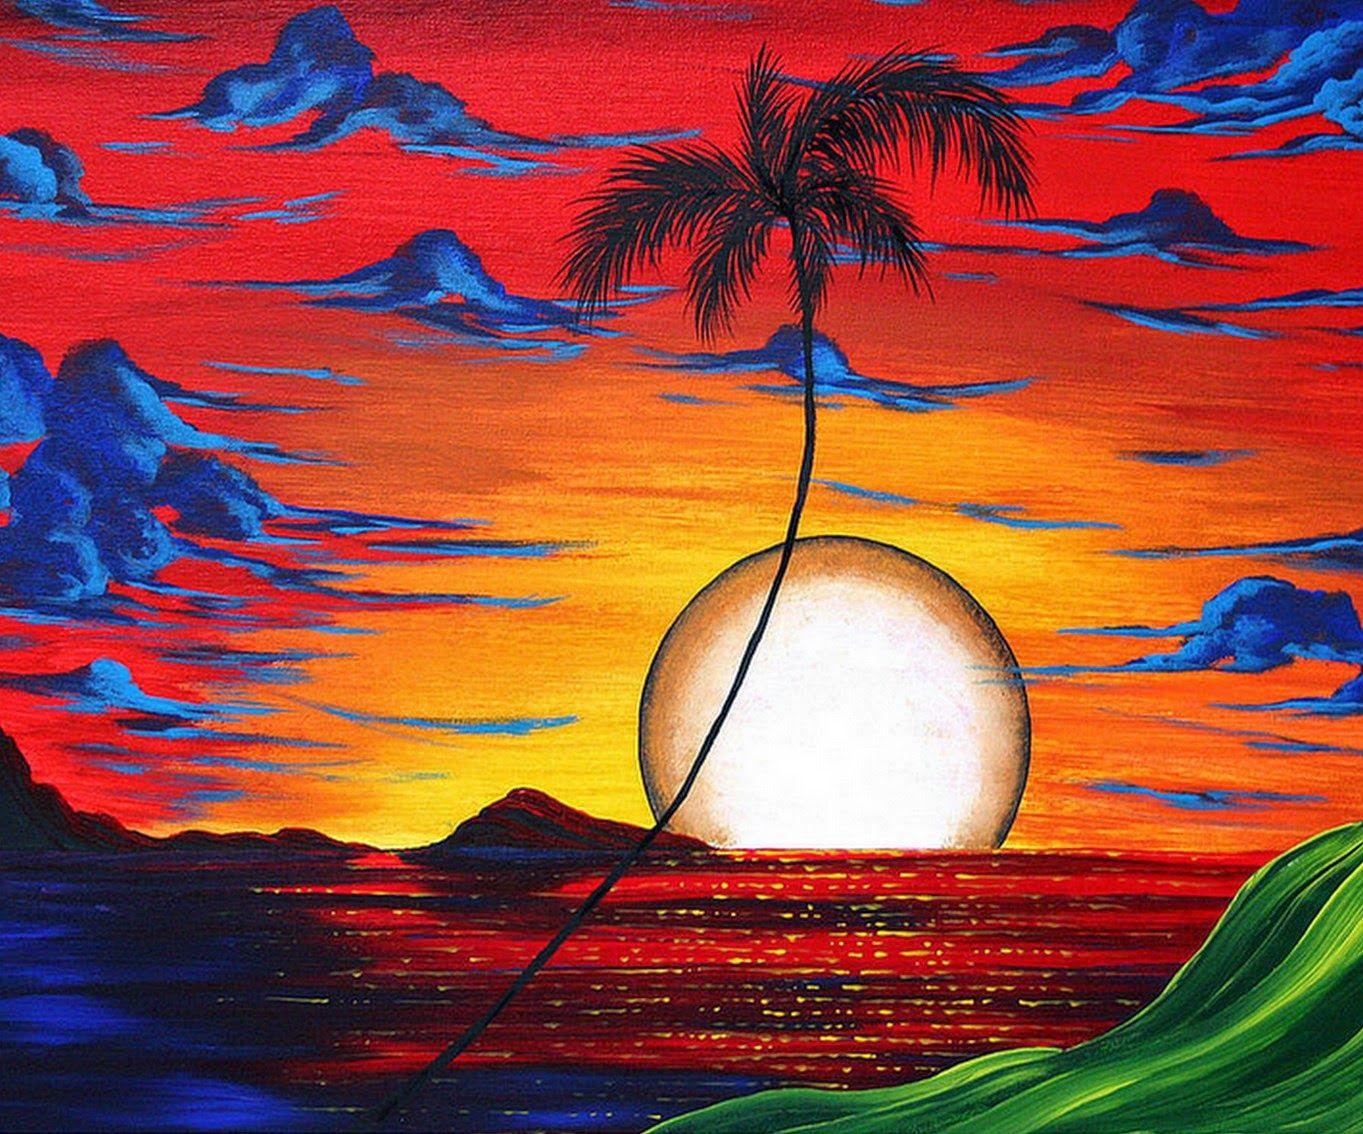 Pintura Moderna Y Fotografia Artistica Dibujos Faciles Para Pintar Con Acrilico Minima Pinturas Abstractas Paisajes Pintados Con Acuarela Dibujos Abstractos